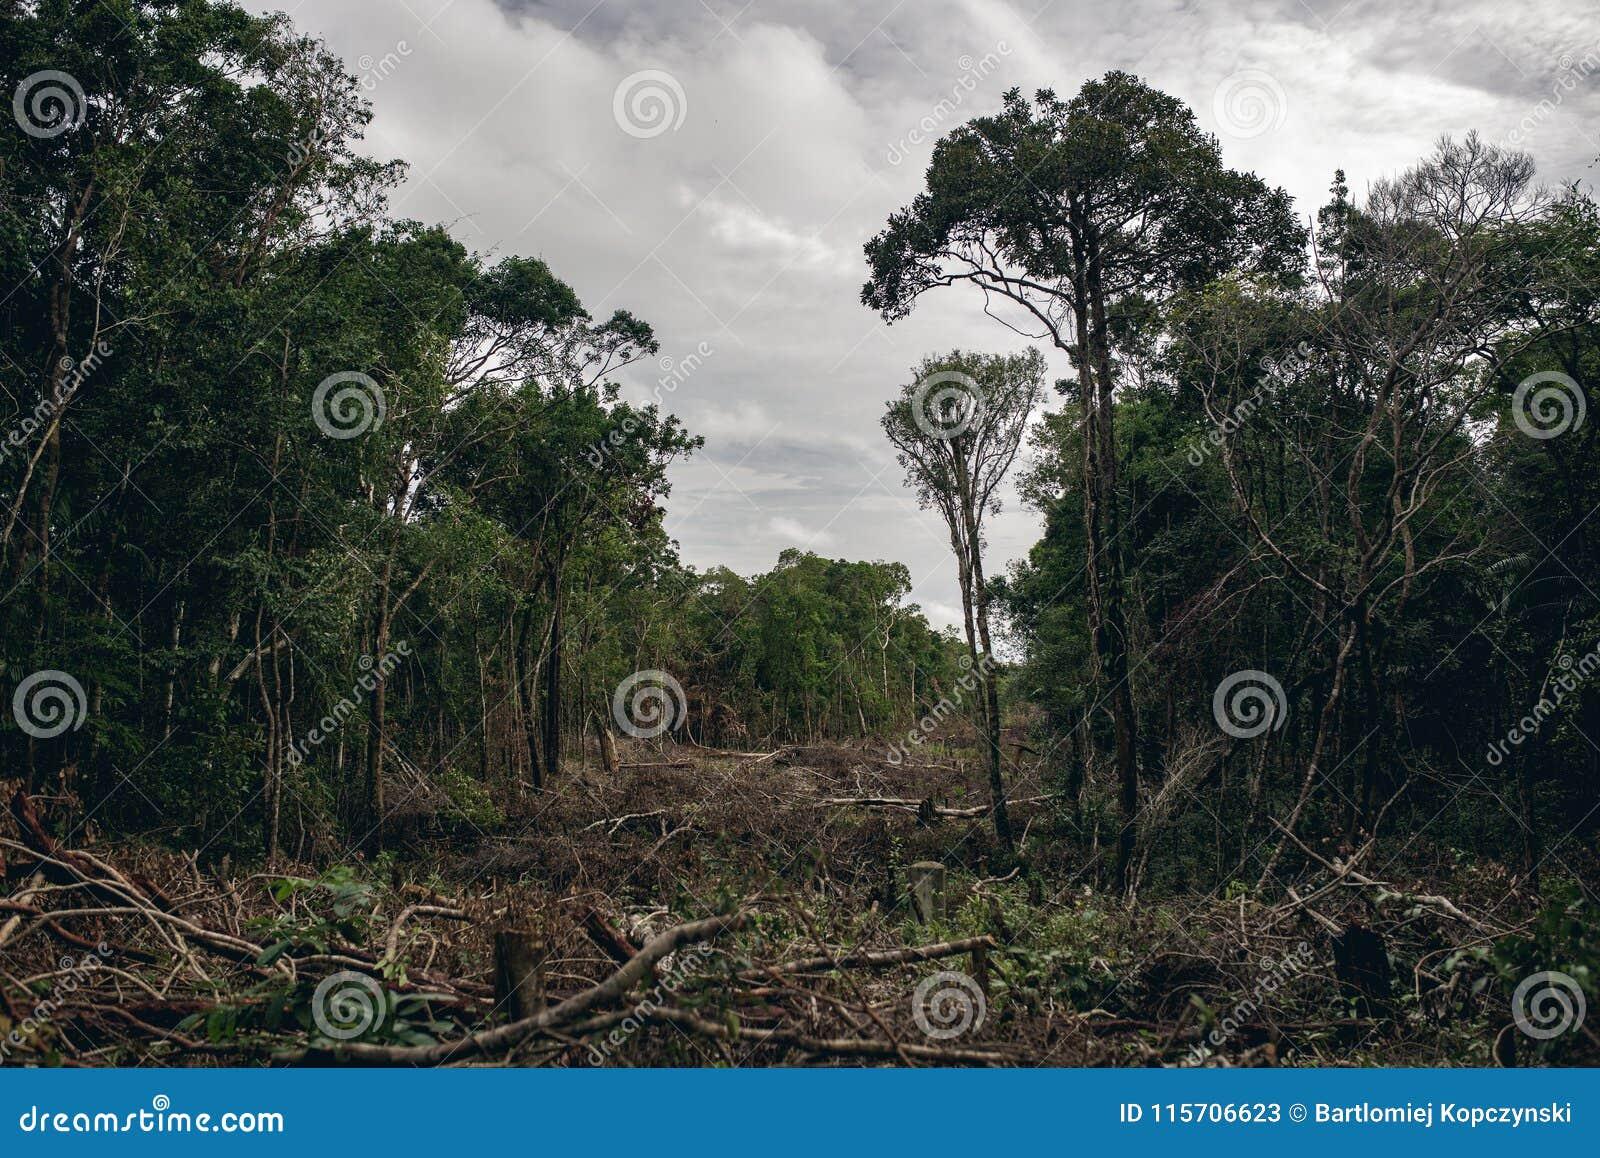 Обезлесение тропического леса